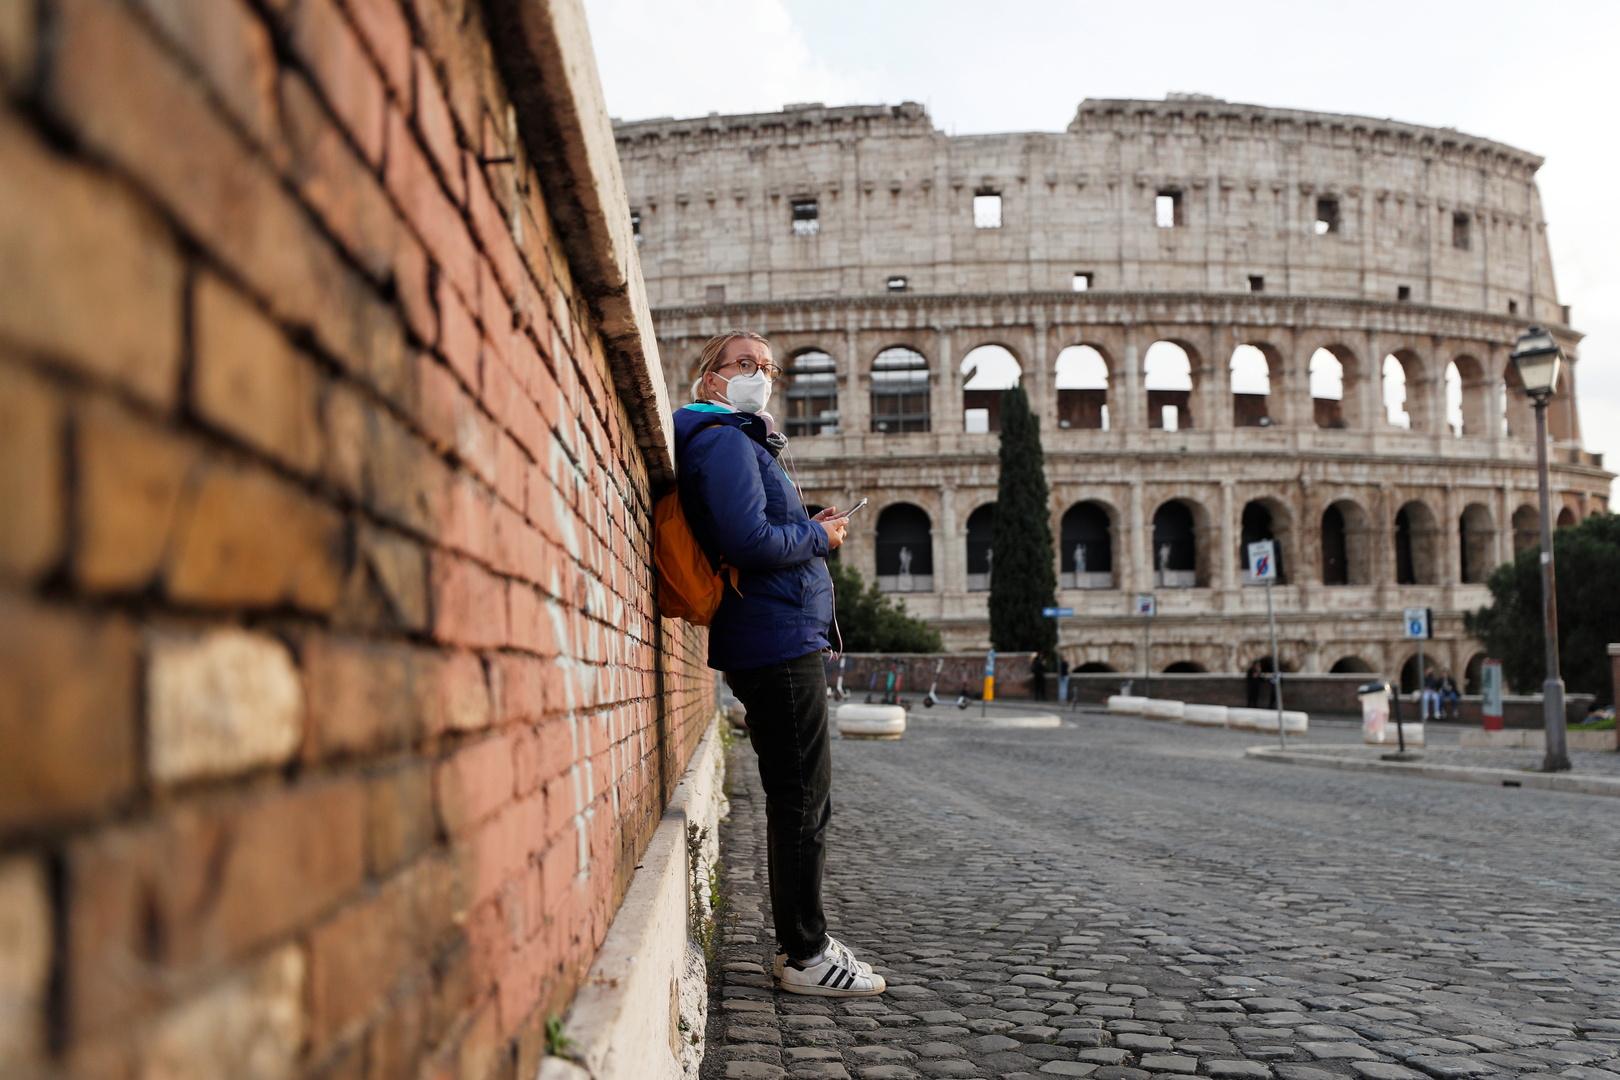 إيطاليا.. إصابات كورونا اليومية تتخطى رقما هو الأعلى منذ الربيع